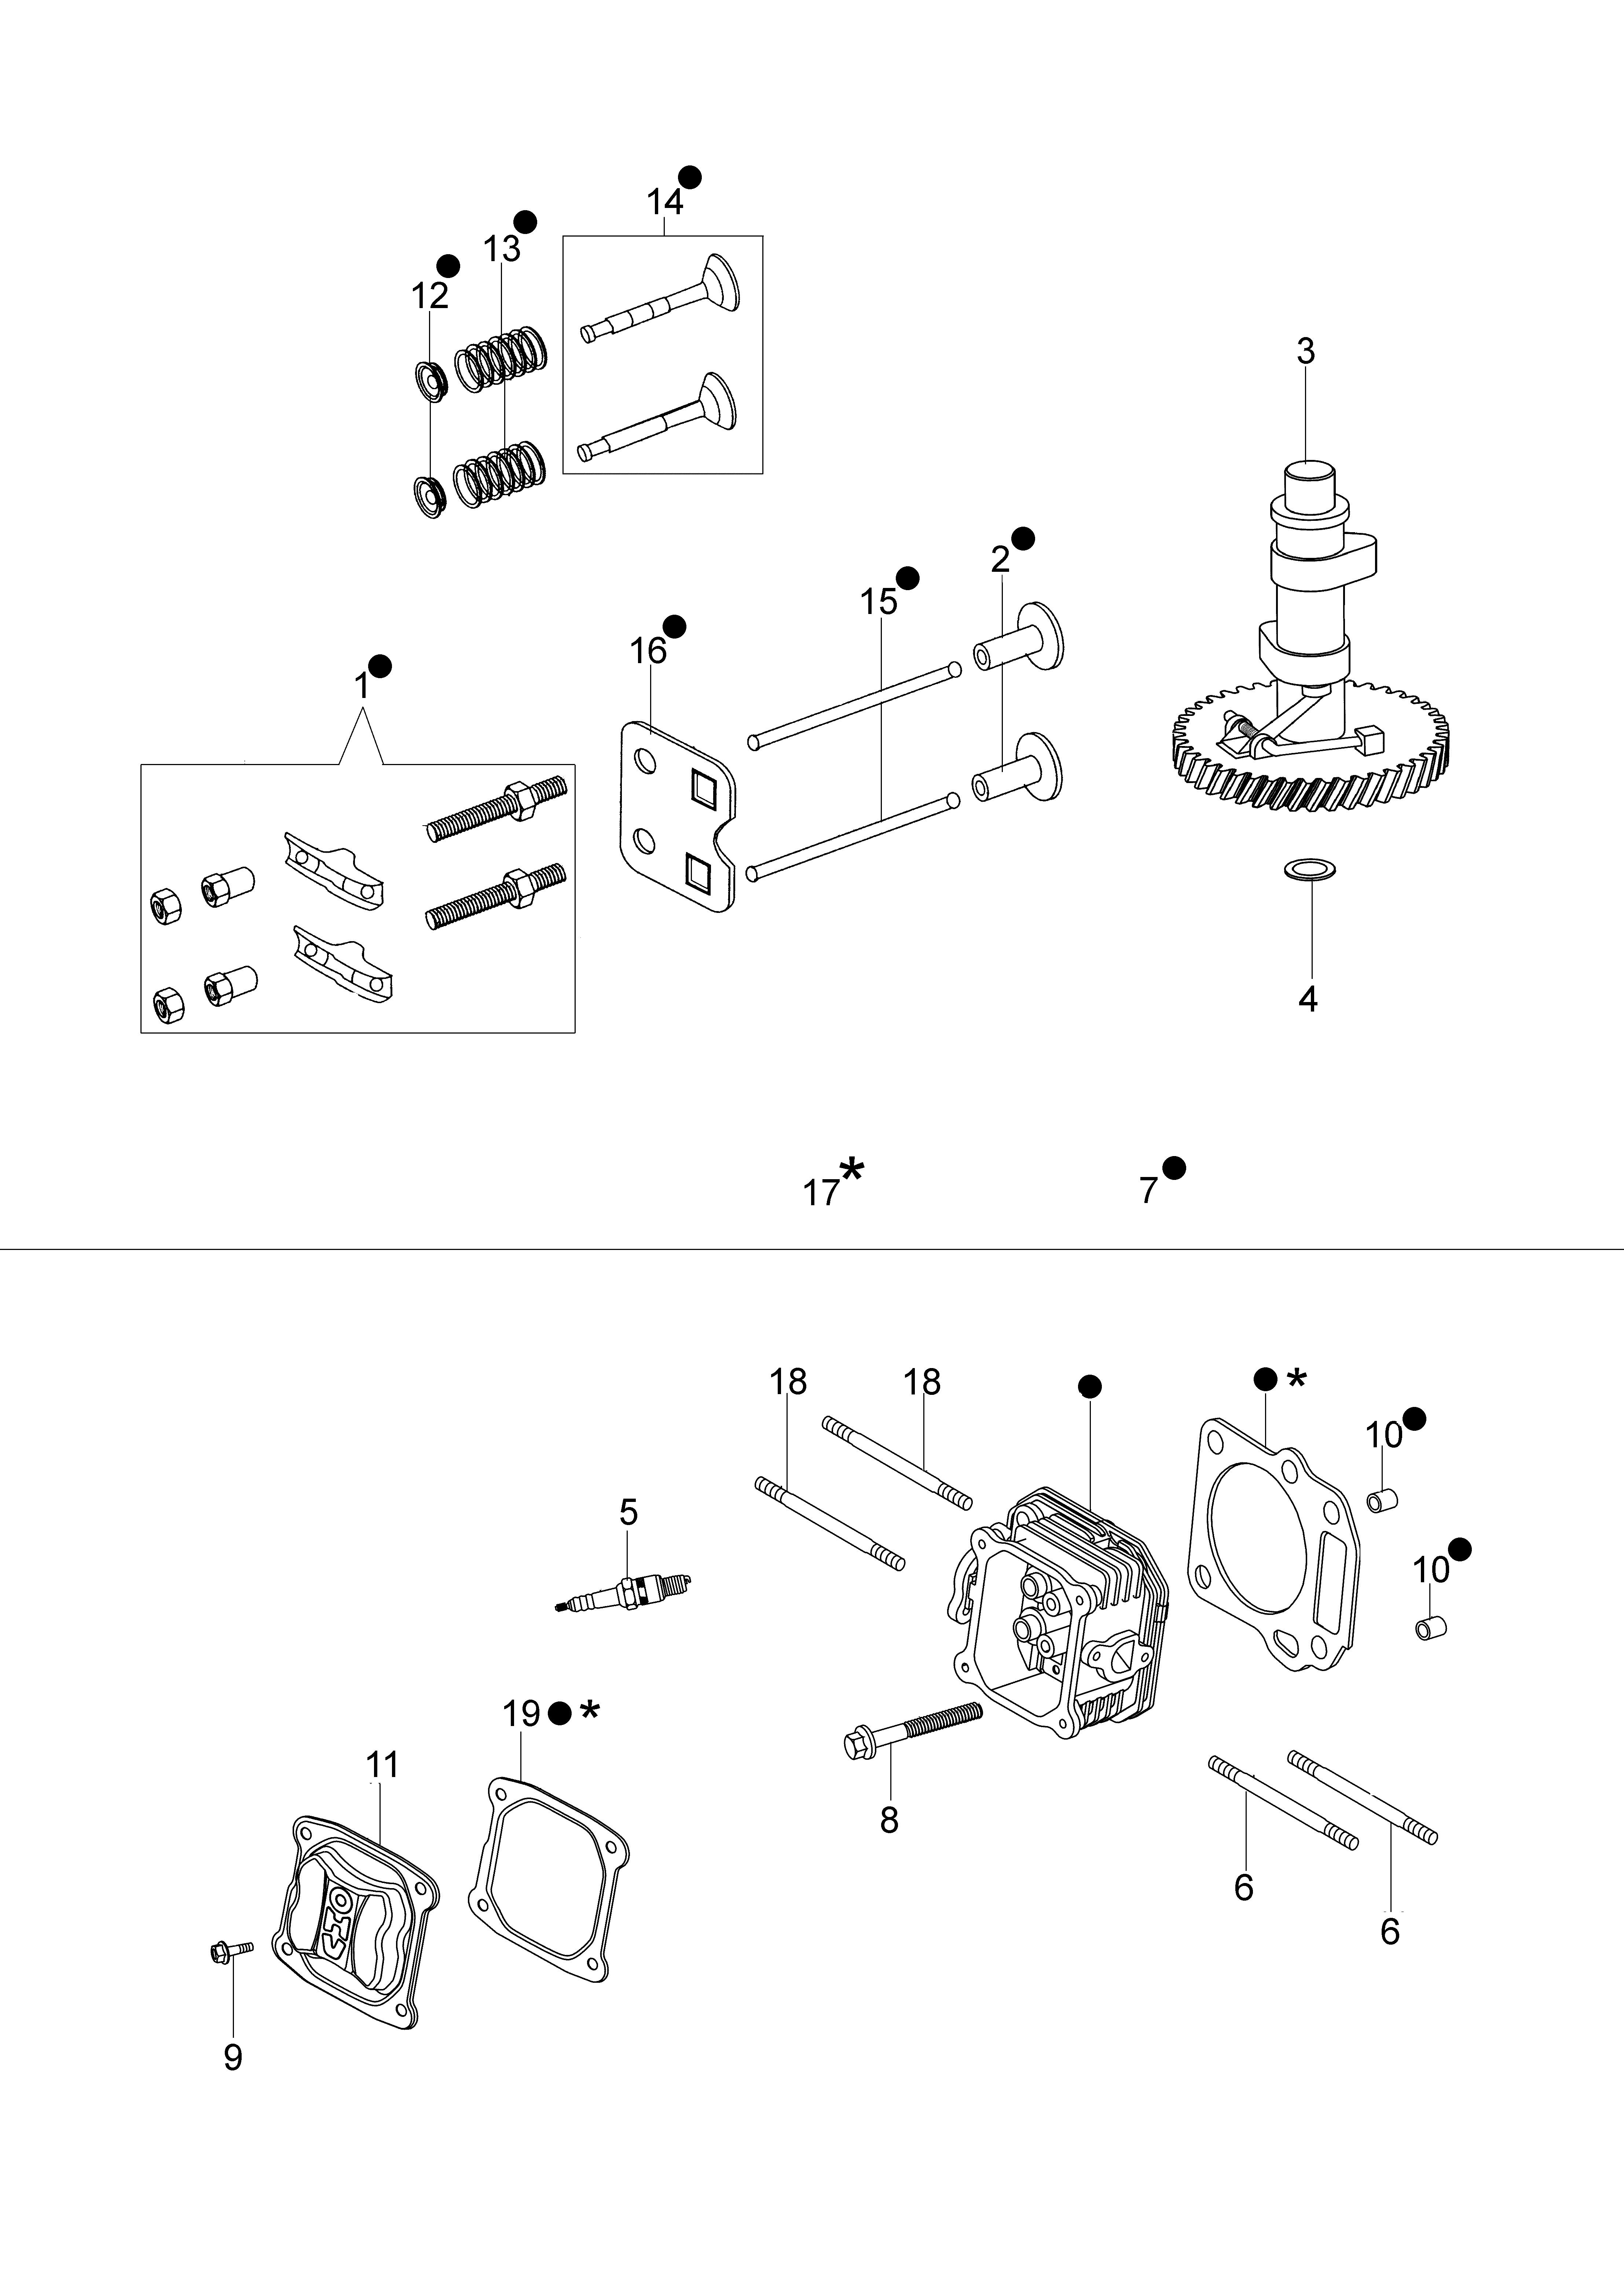 MOTEUR K650 Emak vue éclatée Dessins pièces - Tête cylindre et soupape